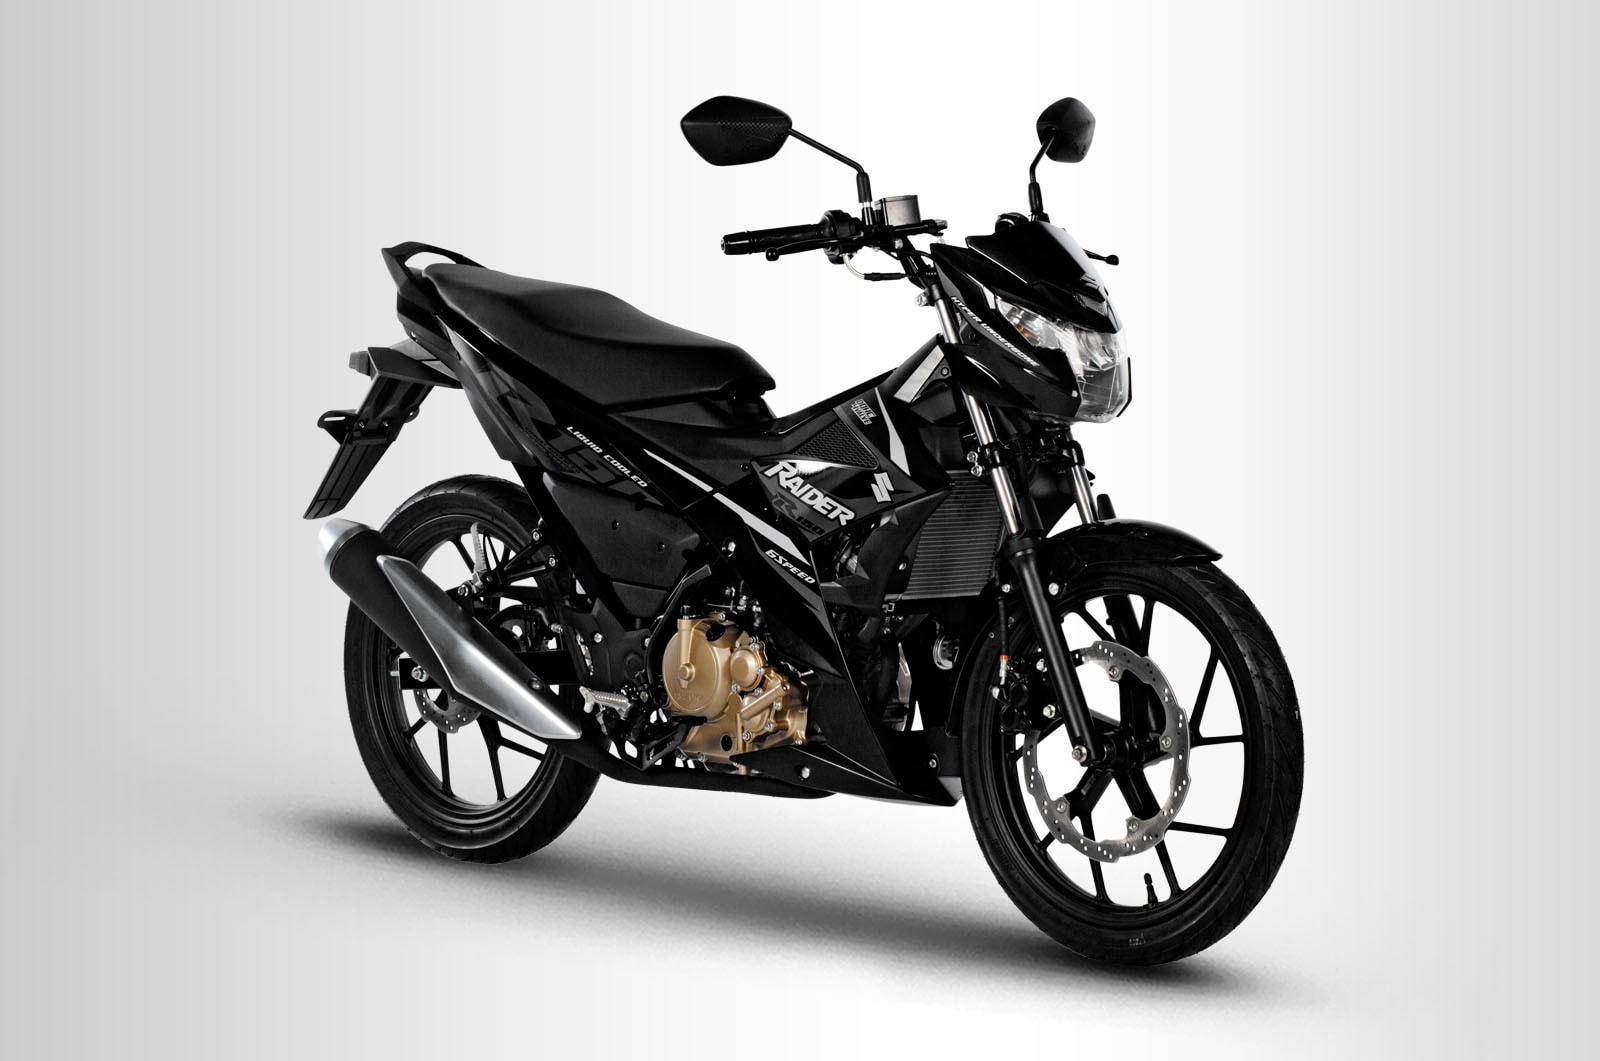 SUZUKI Raider R150 Fi – Motortrade